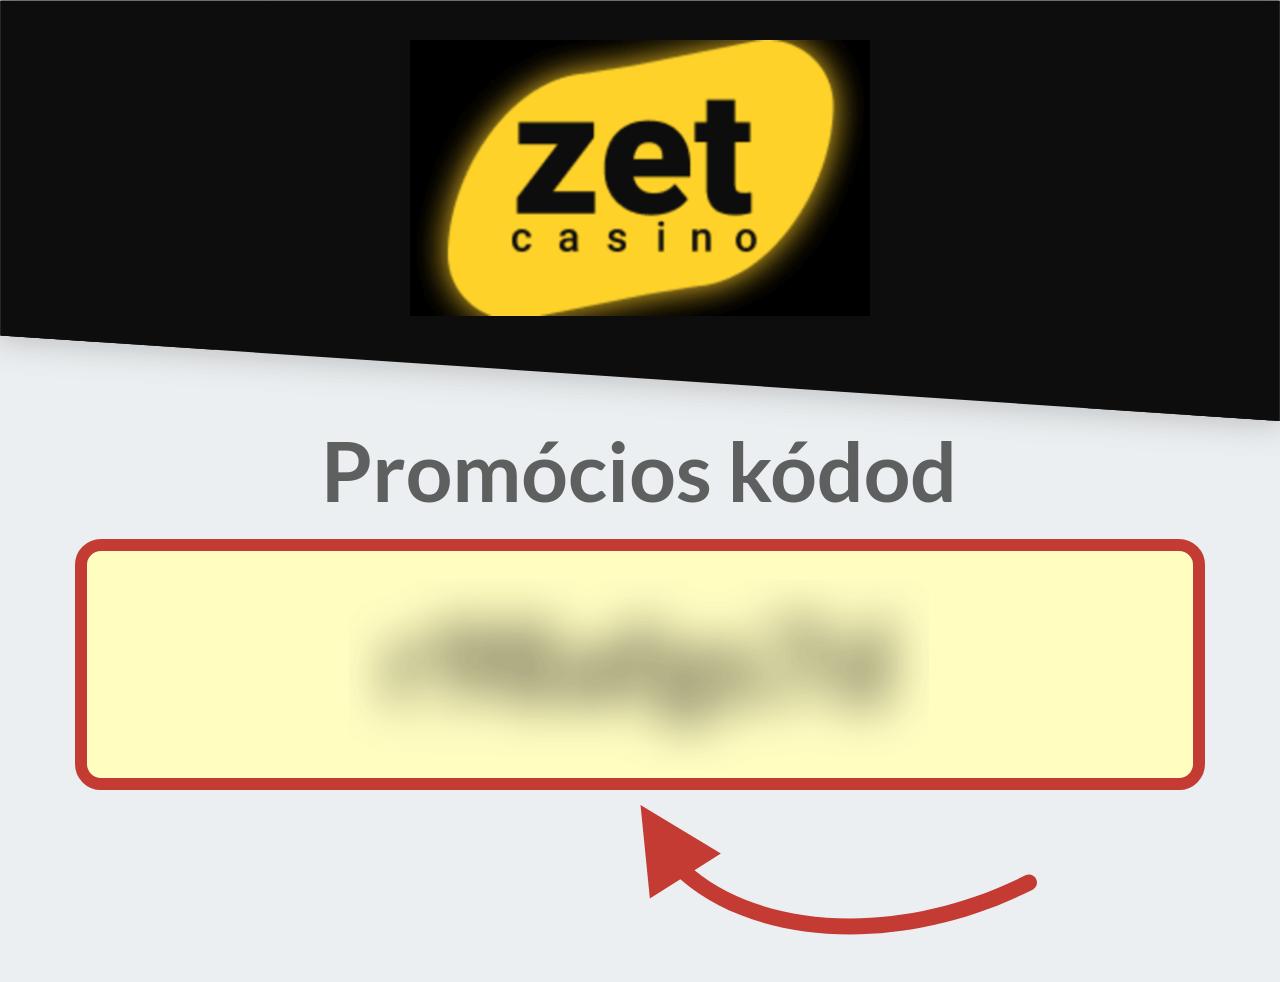 Zet Casino promóciós kódod